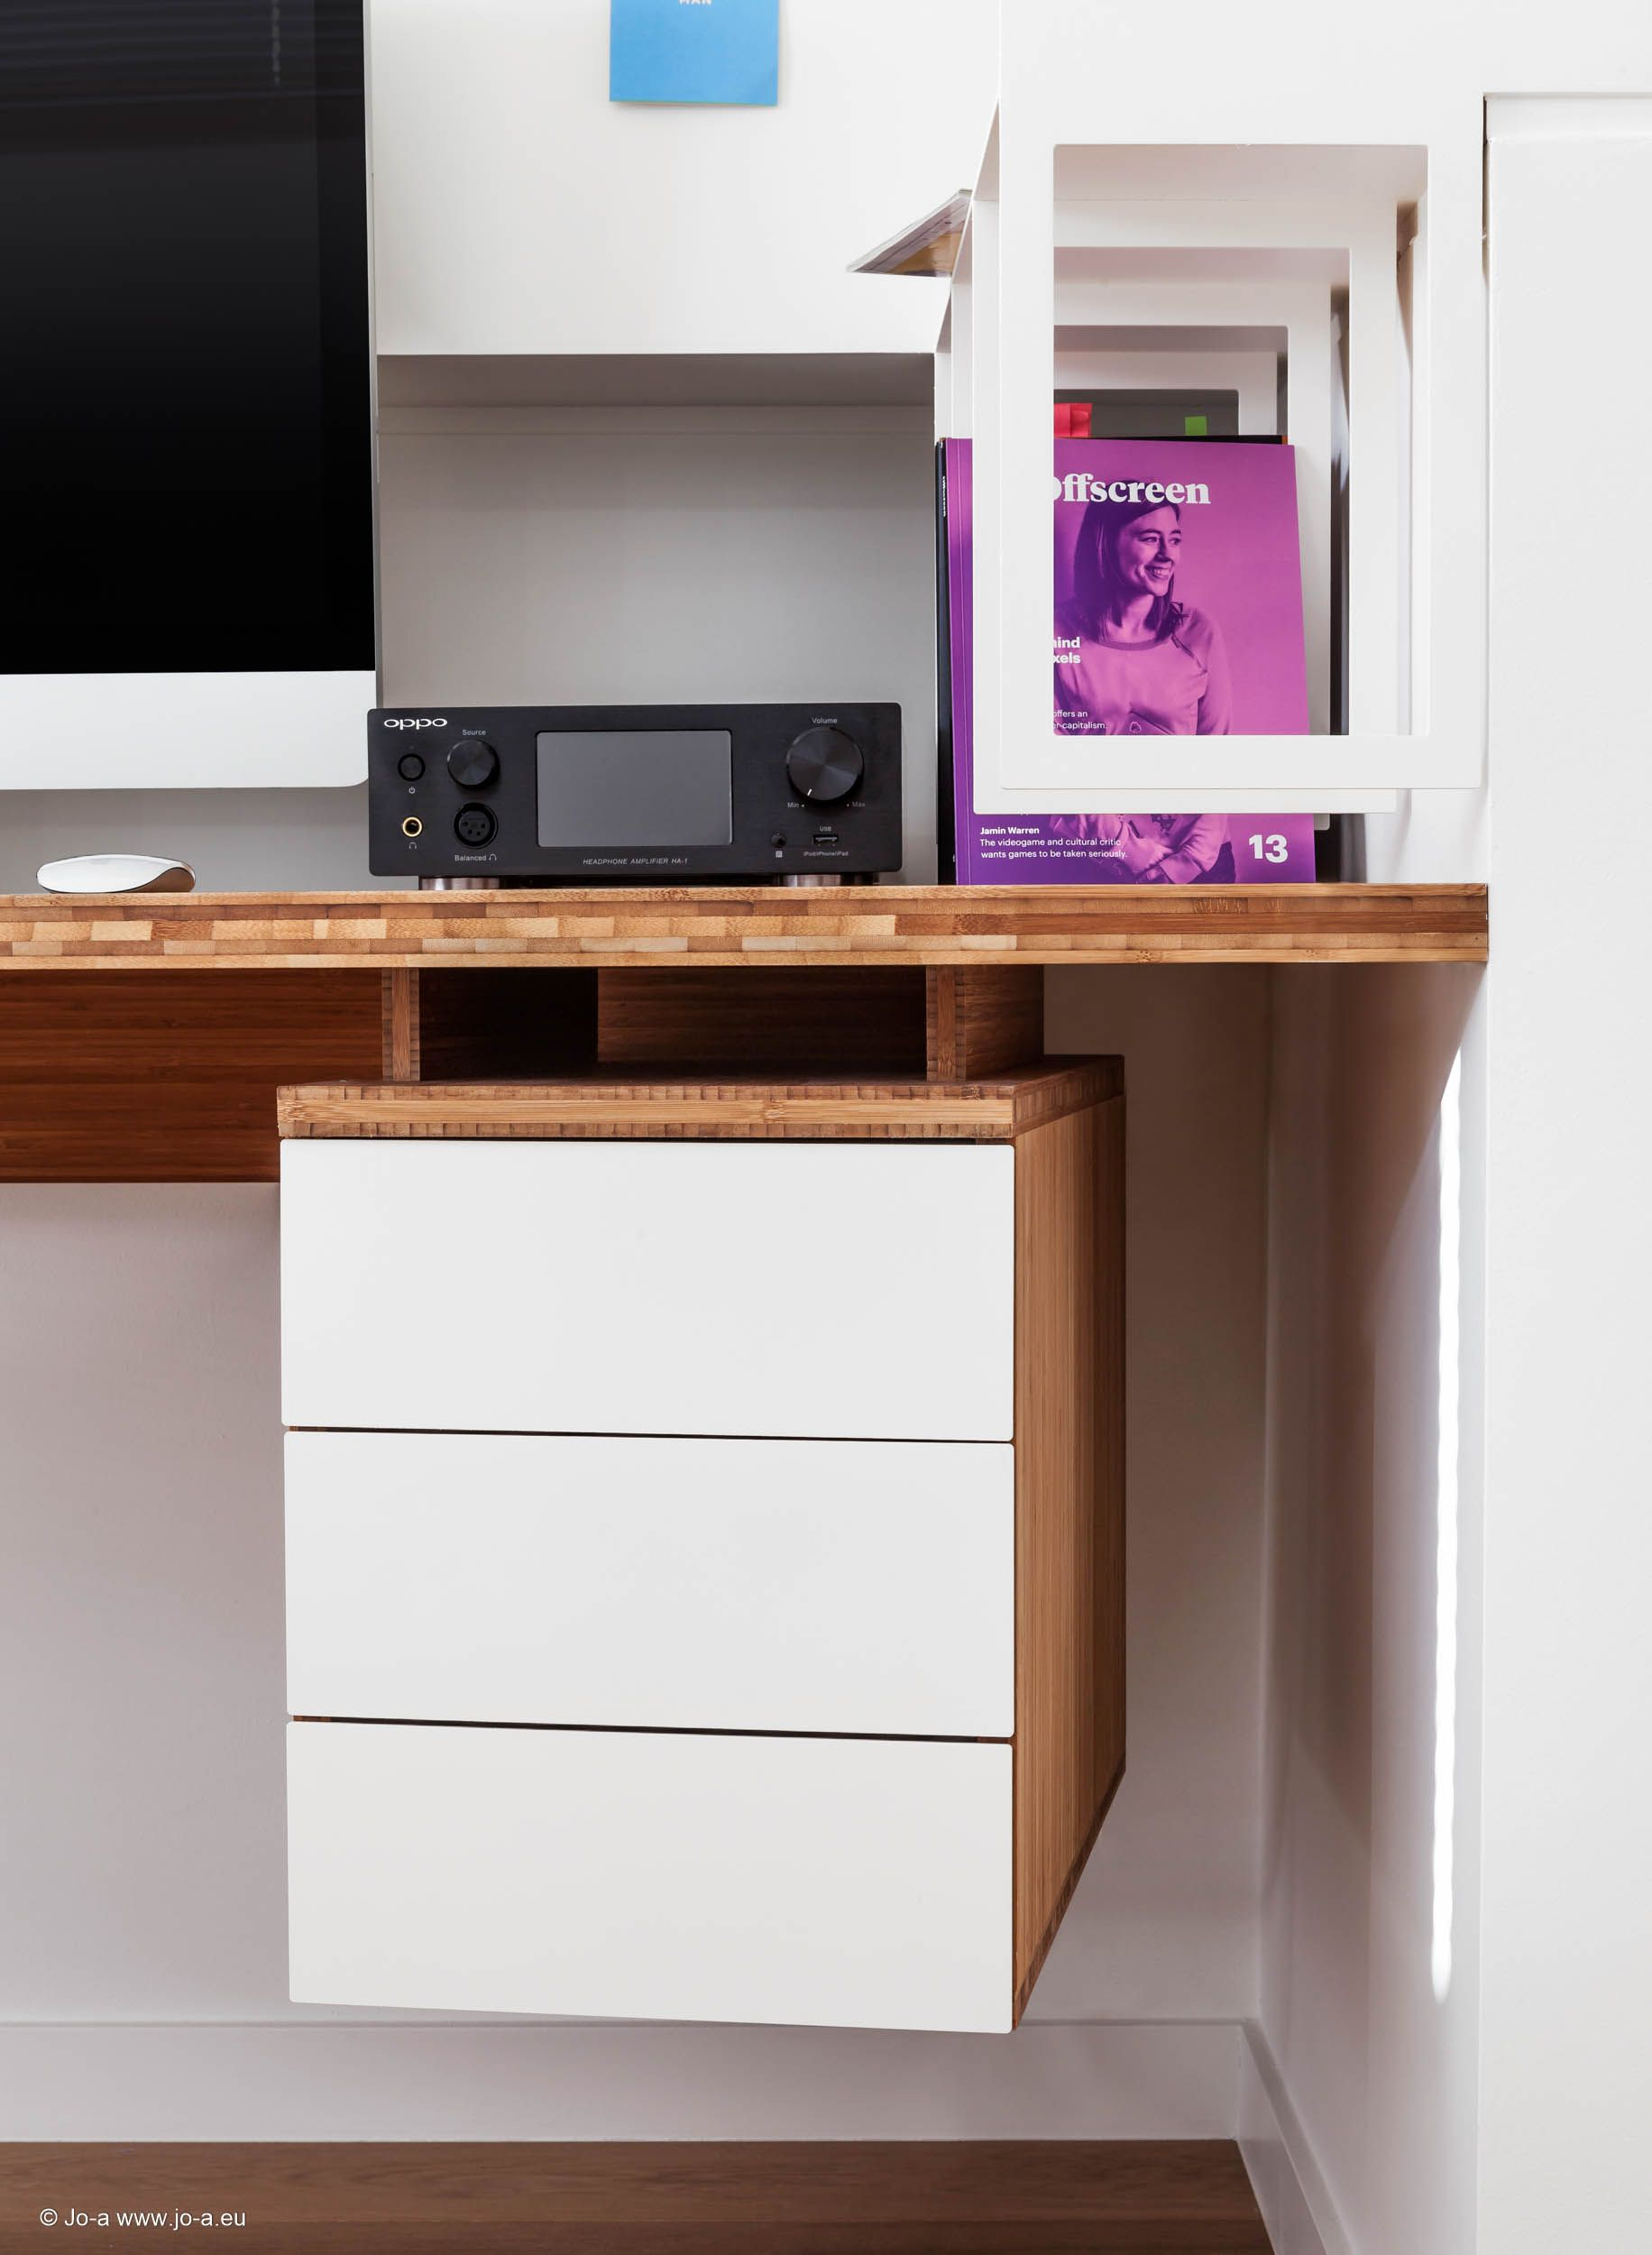 Meuble Tv Hifi Intégré joa créé un ensemble de meubles en bambou pour ce projet